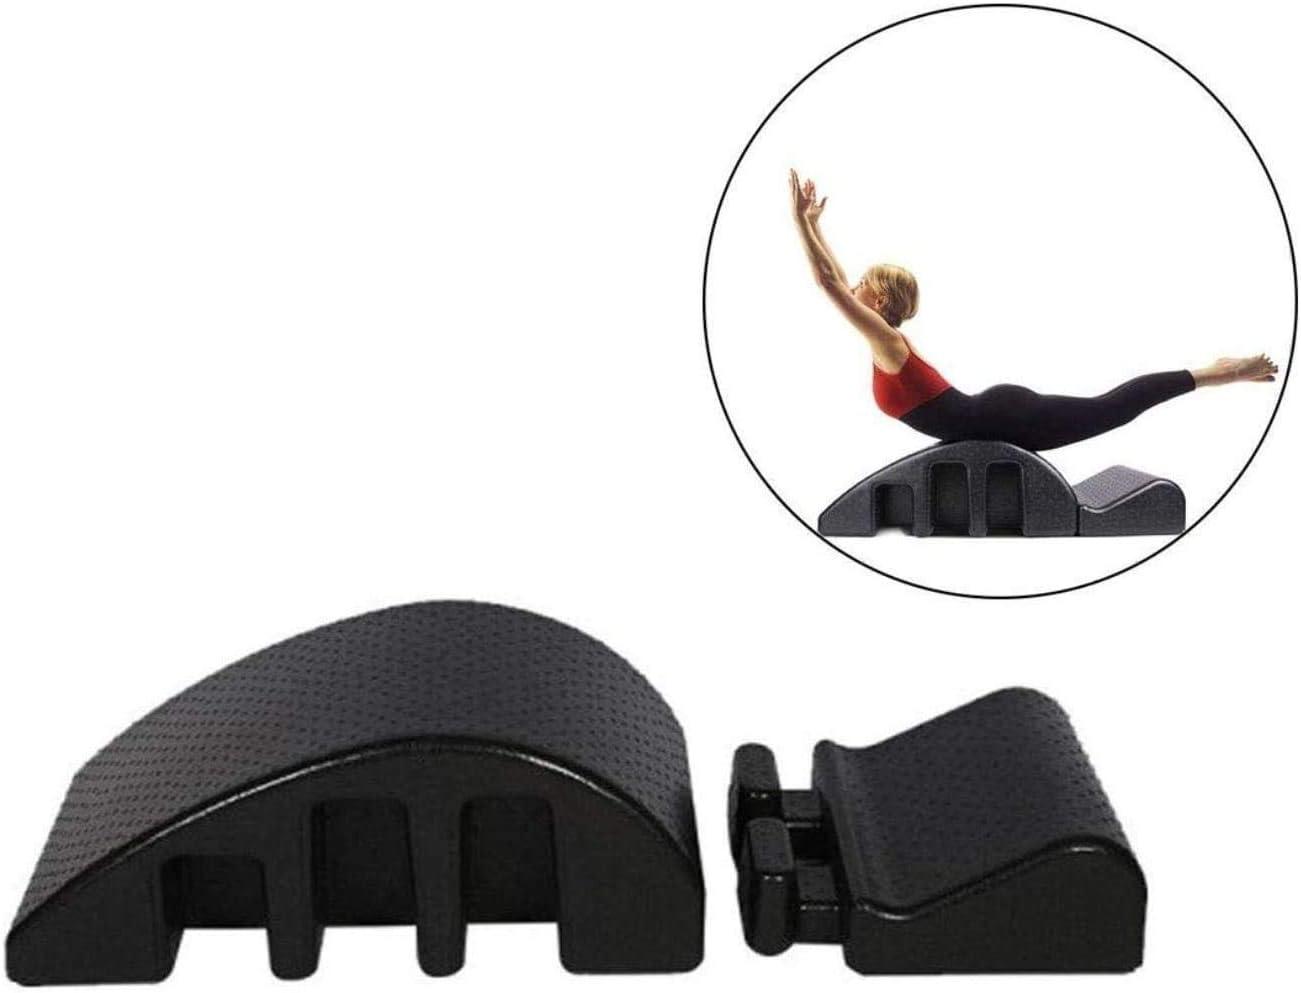 YF-SURINA Equipo deportivo Masaje Cama Pilates Yoga Corrección de la columna vertebral/órtesis cervical, Corrector de la columna del arco de Pilates, Alineación del alivio del dolor de espalda Curv